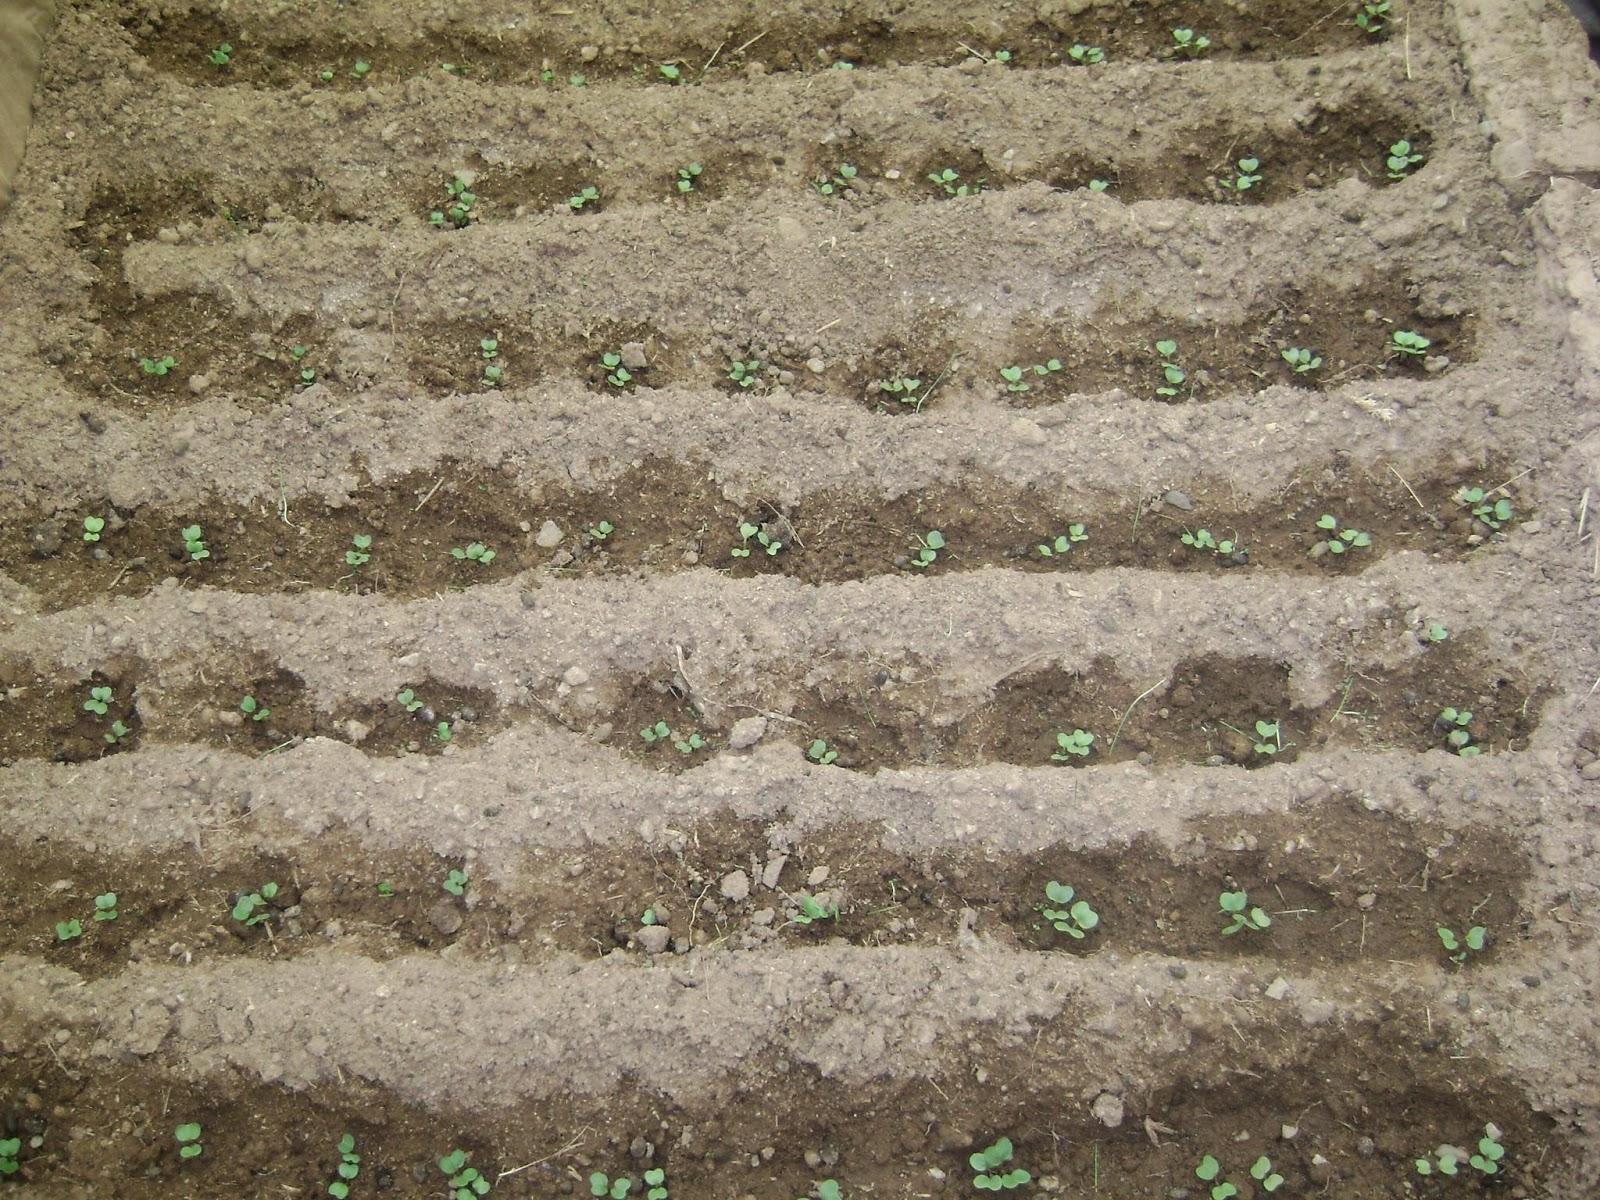 Agricultura urbana en el alto manual producci n de - Preparacion de la tierra para sembrar ...